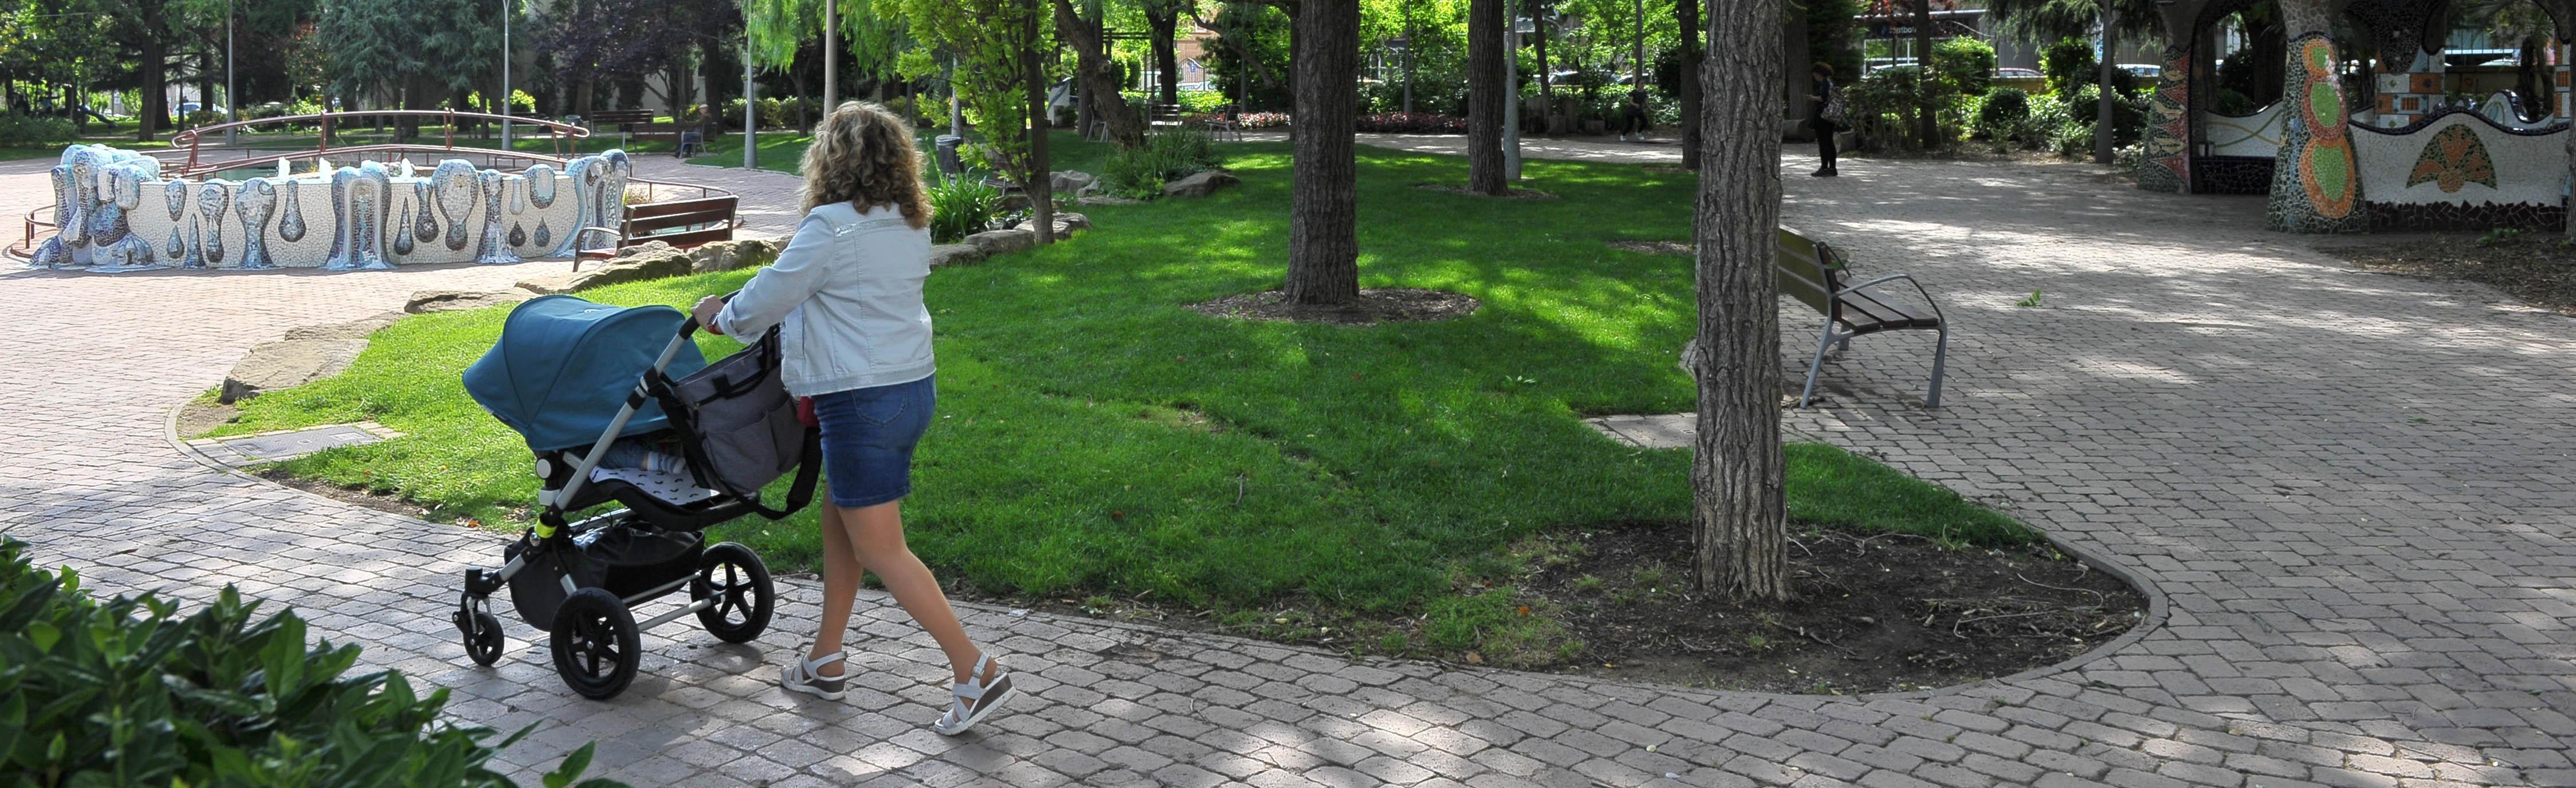 Valorar el servei Estado y cantidad de espacios verdes y parques infantiles en Reus